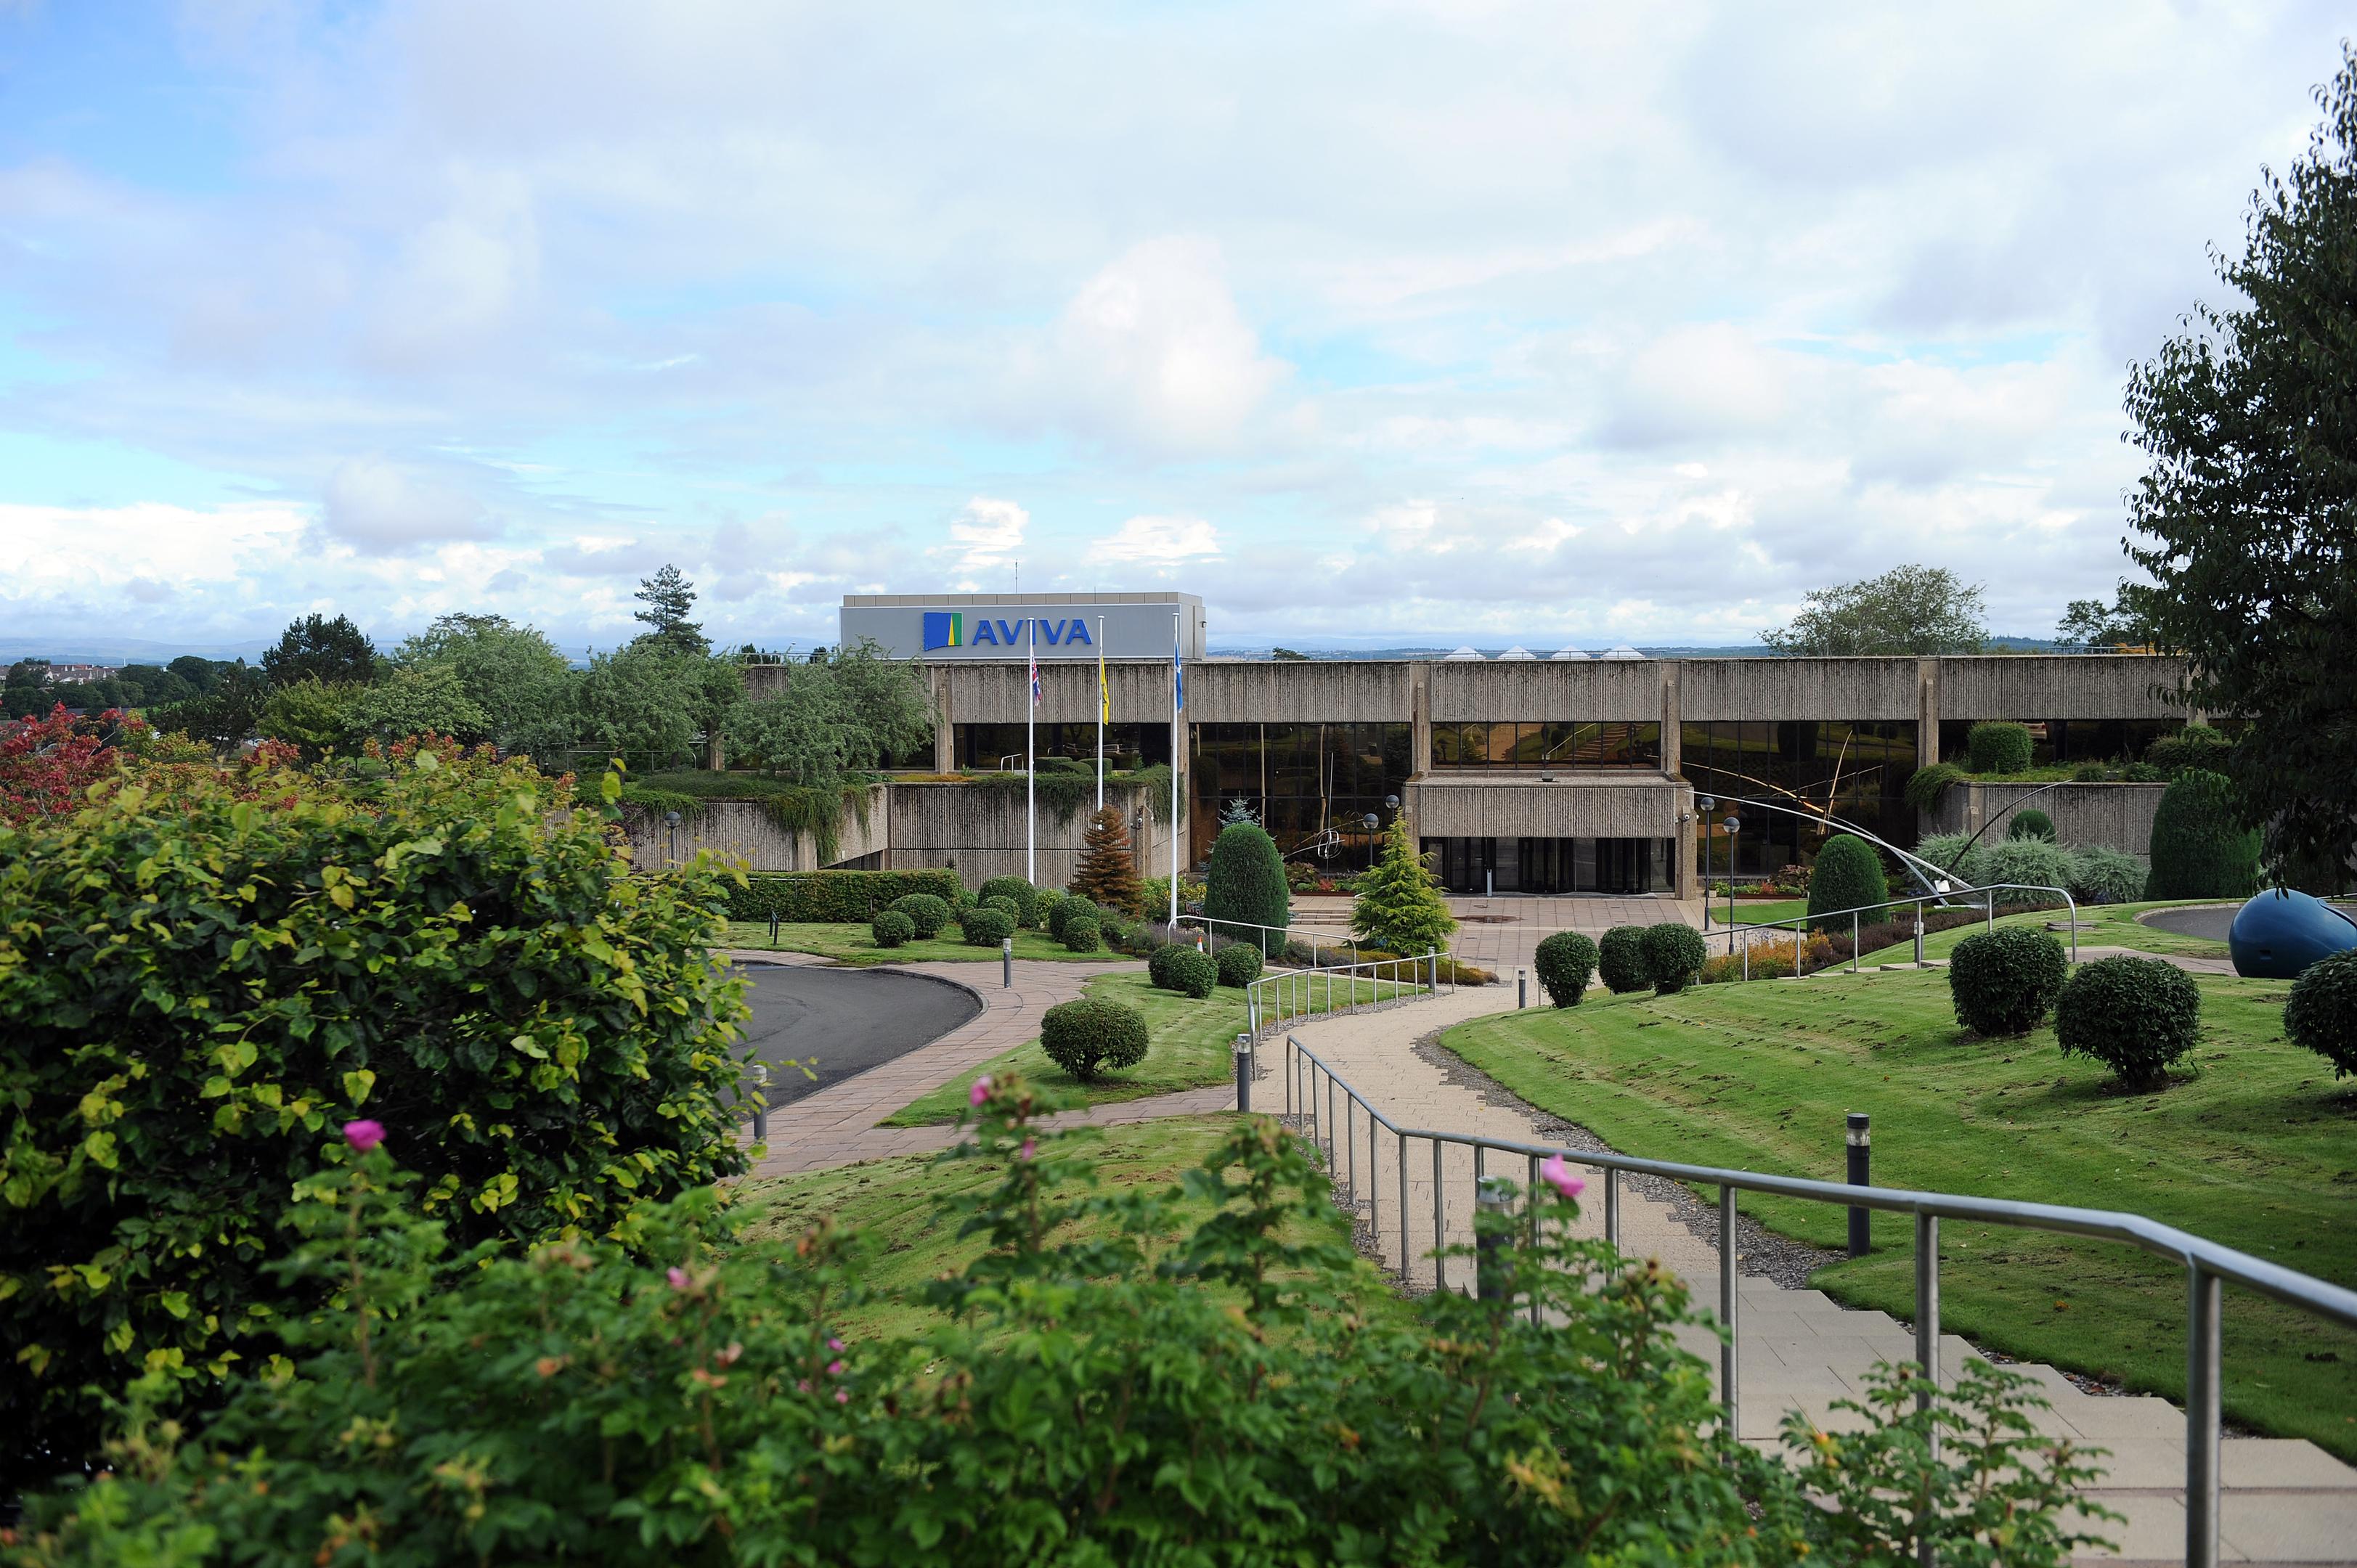 Aviva's Tayside HQ